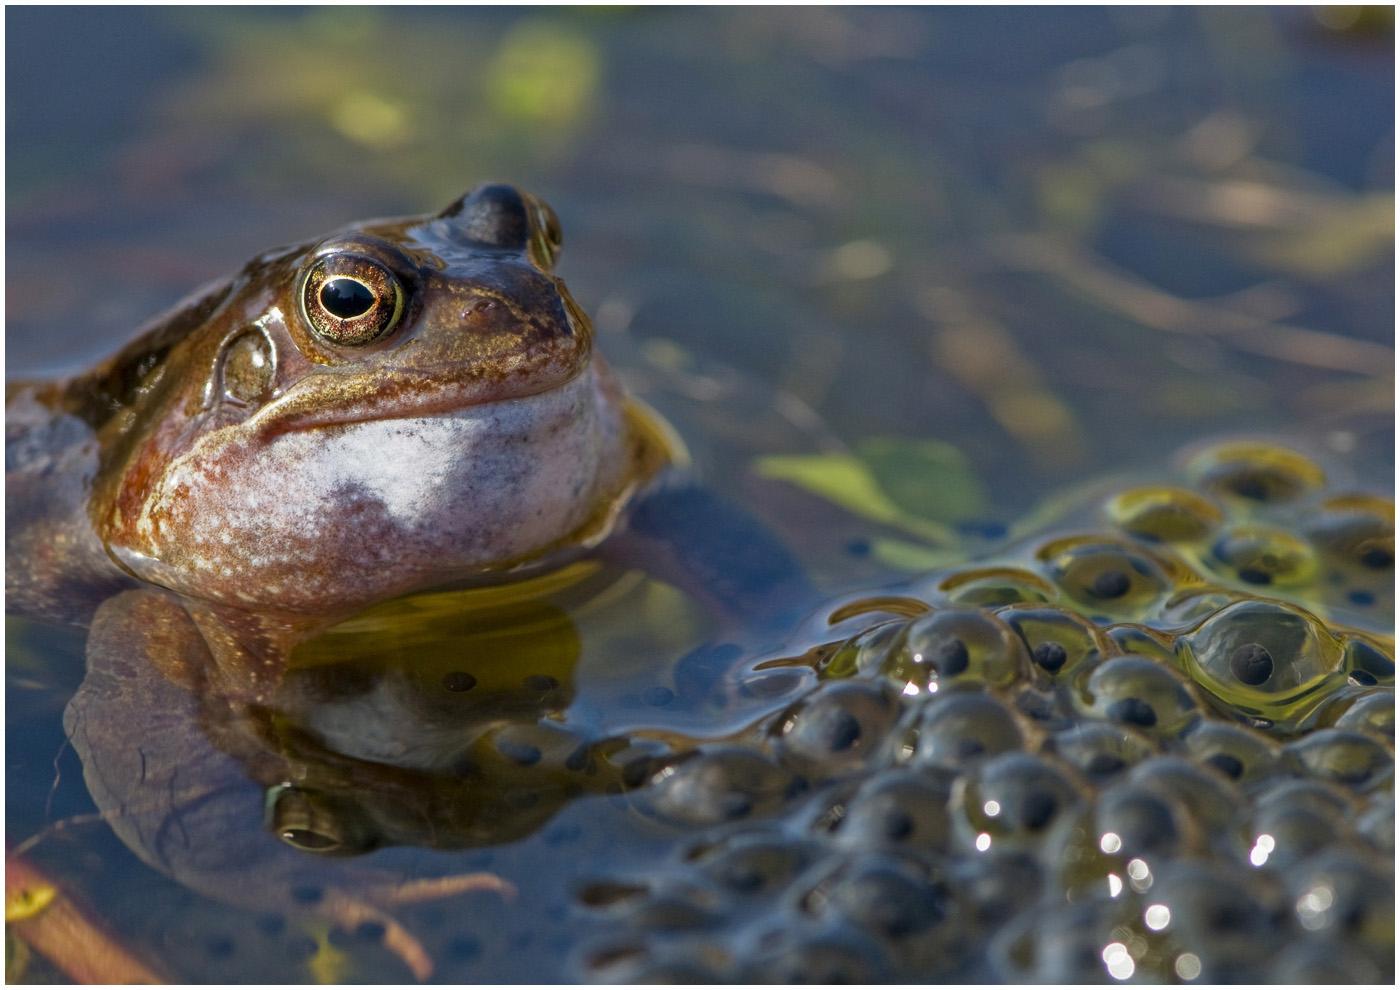 109 Rana temporaria - Common frog.jpg